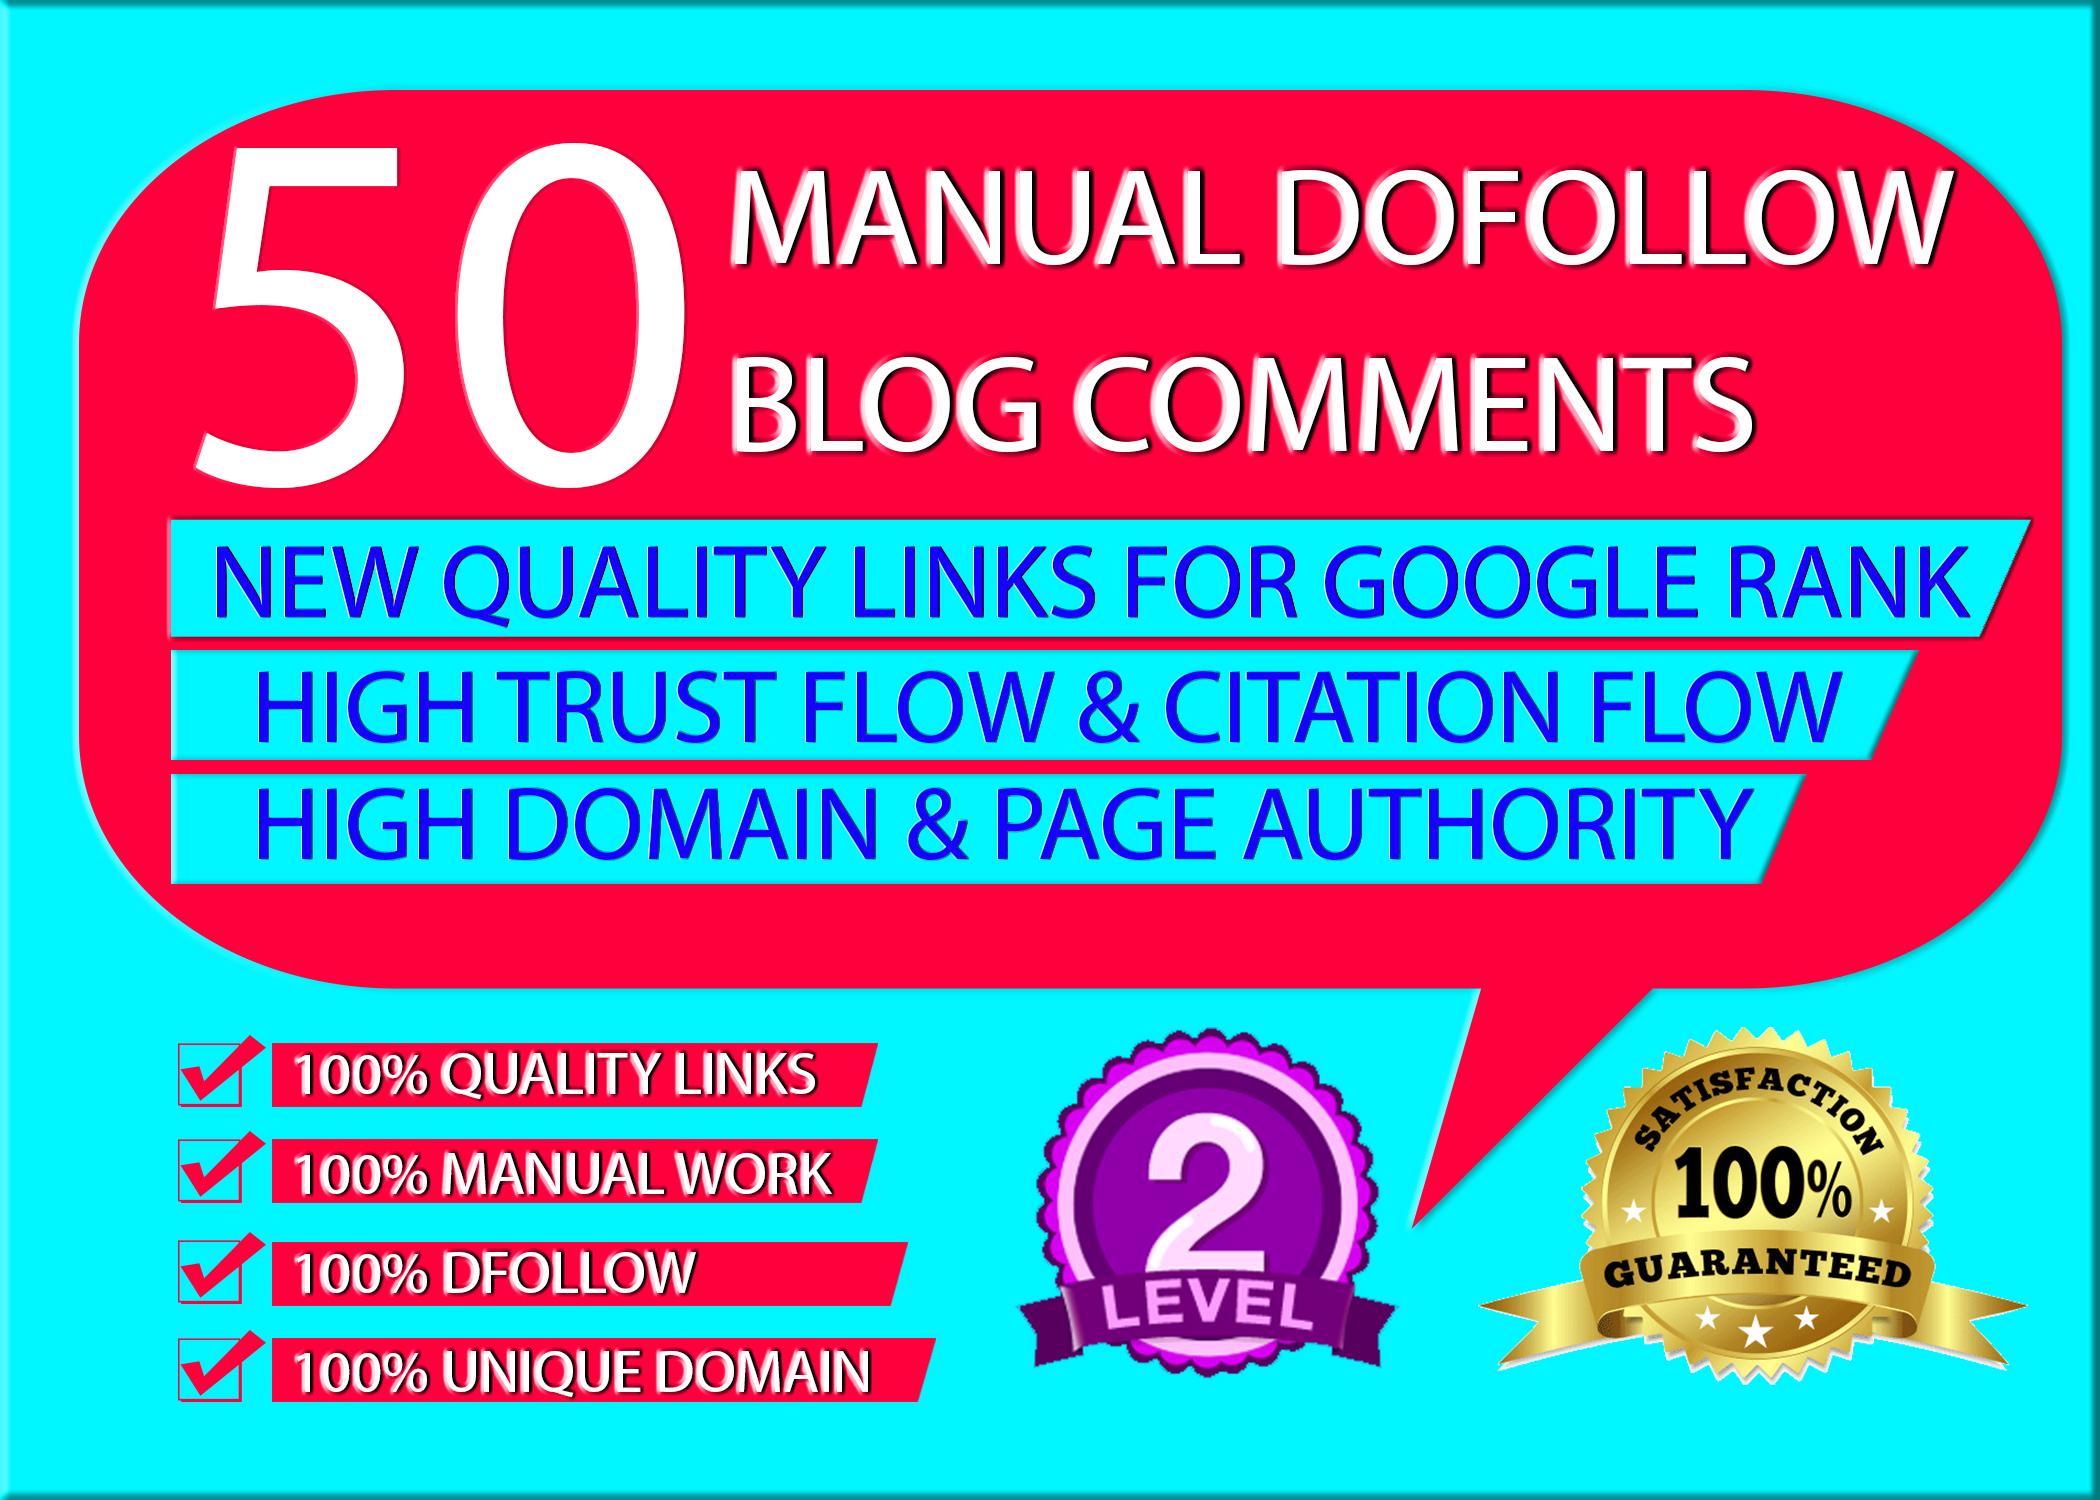 50 blog comments with UNIQUE DOMAIN.